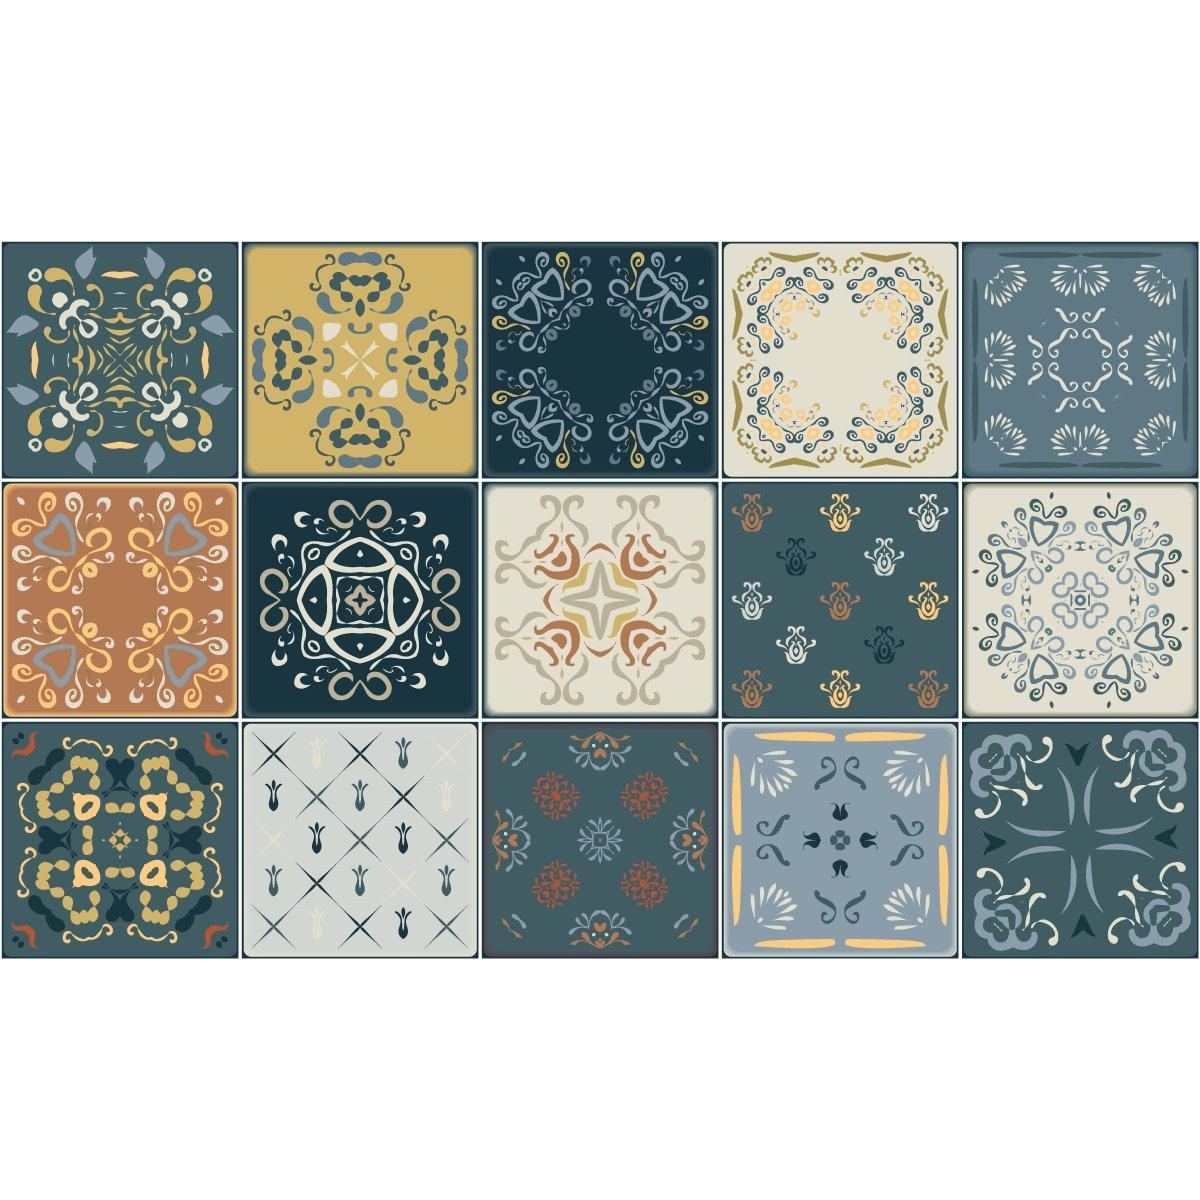 Set de 15 pi/èces 10 x 10 cm Stickers adh/ésifs carrelages Ambiance-Sticker